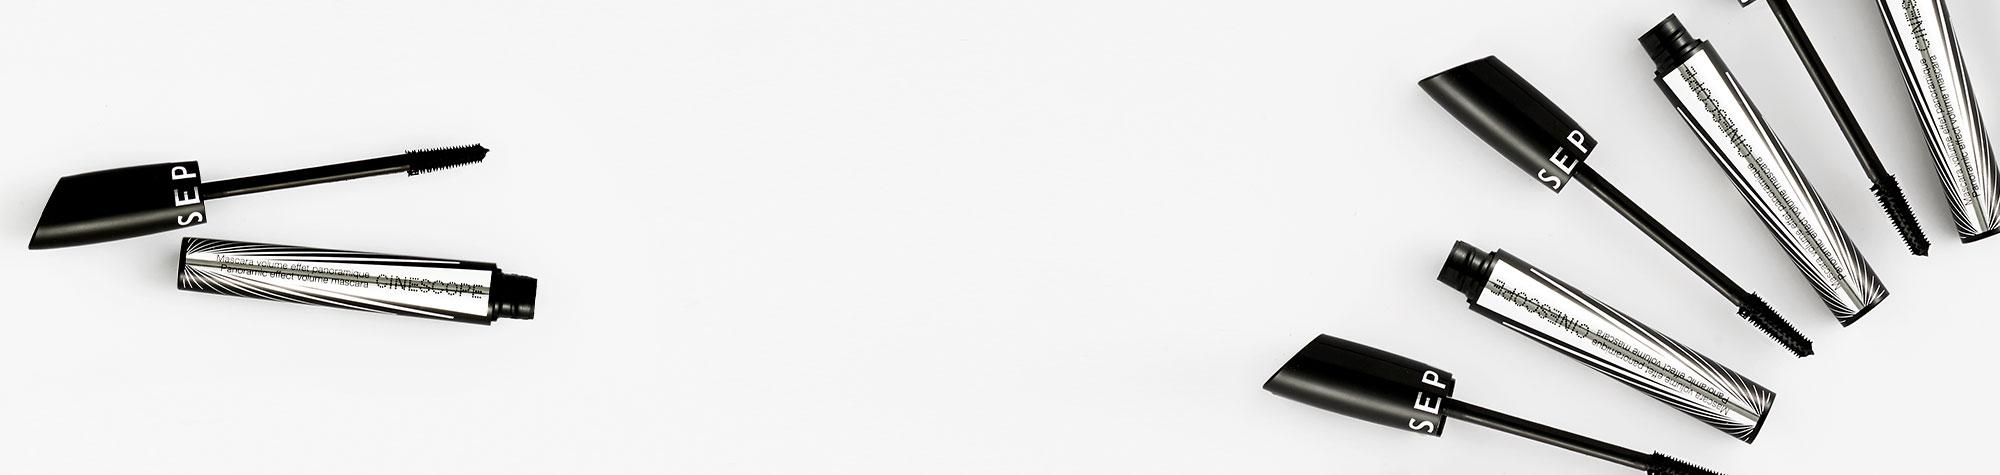 Sephora sceglie TwentyTwenty per la gestione della comunicazione social in Italia